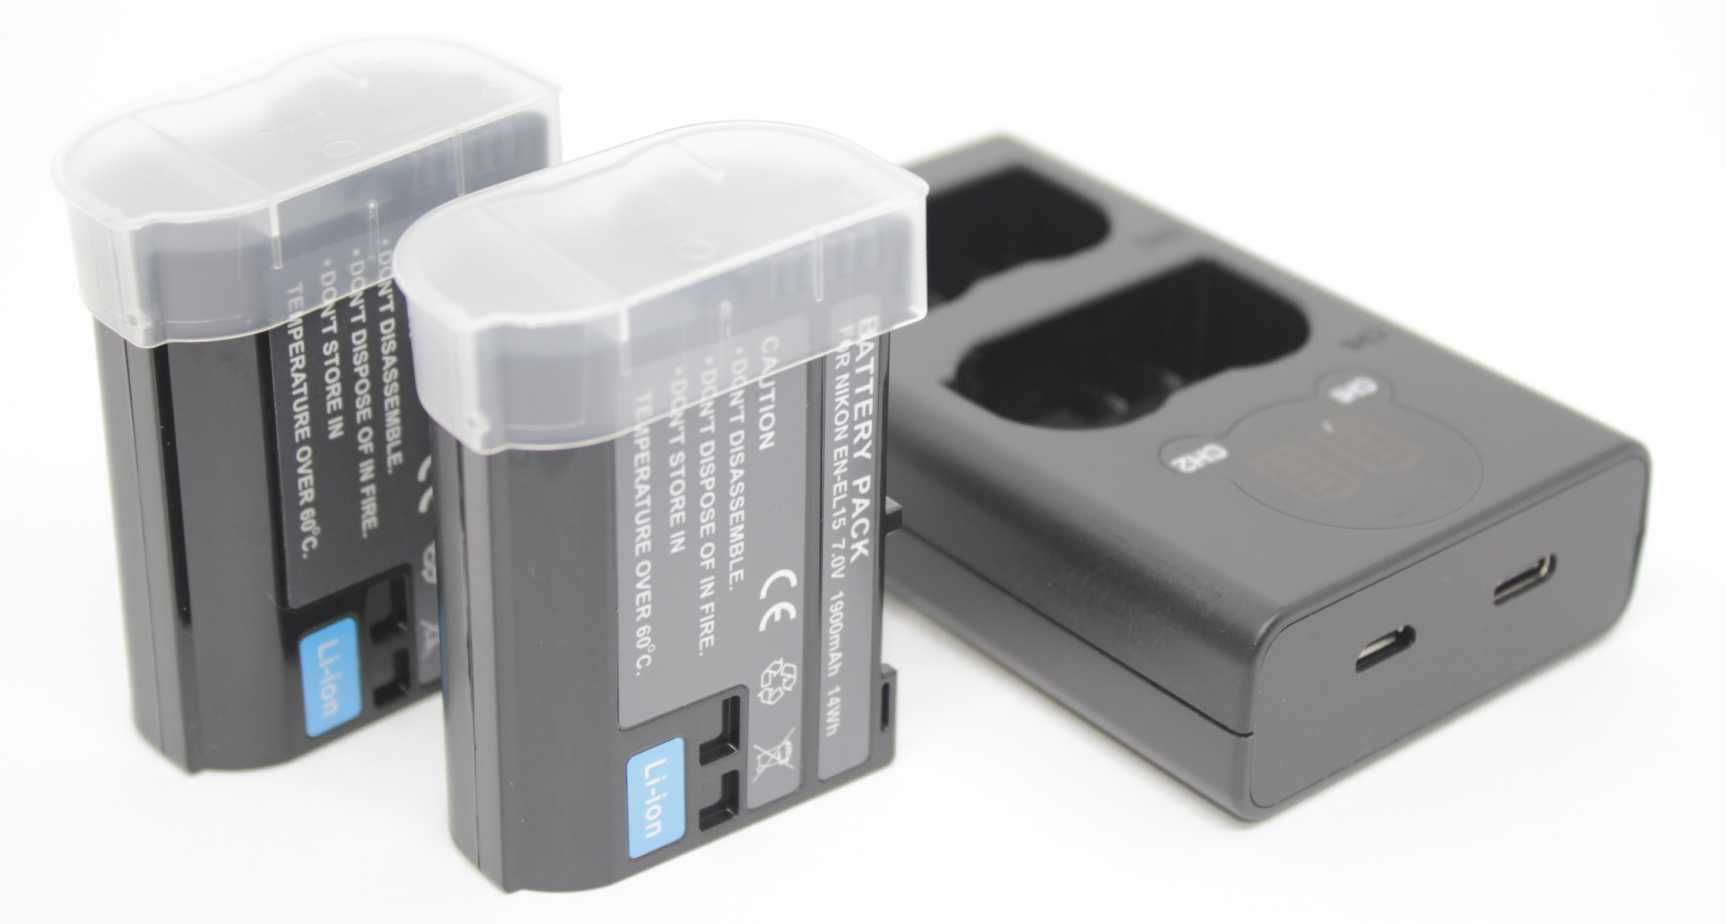 KIT 2 BATERIAS EN-EL15 + CARREGADOR DUPLO  P/ Nikon D7000, D800, D800e, D600, D7100